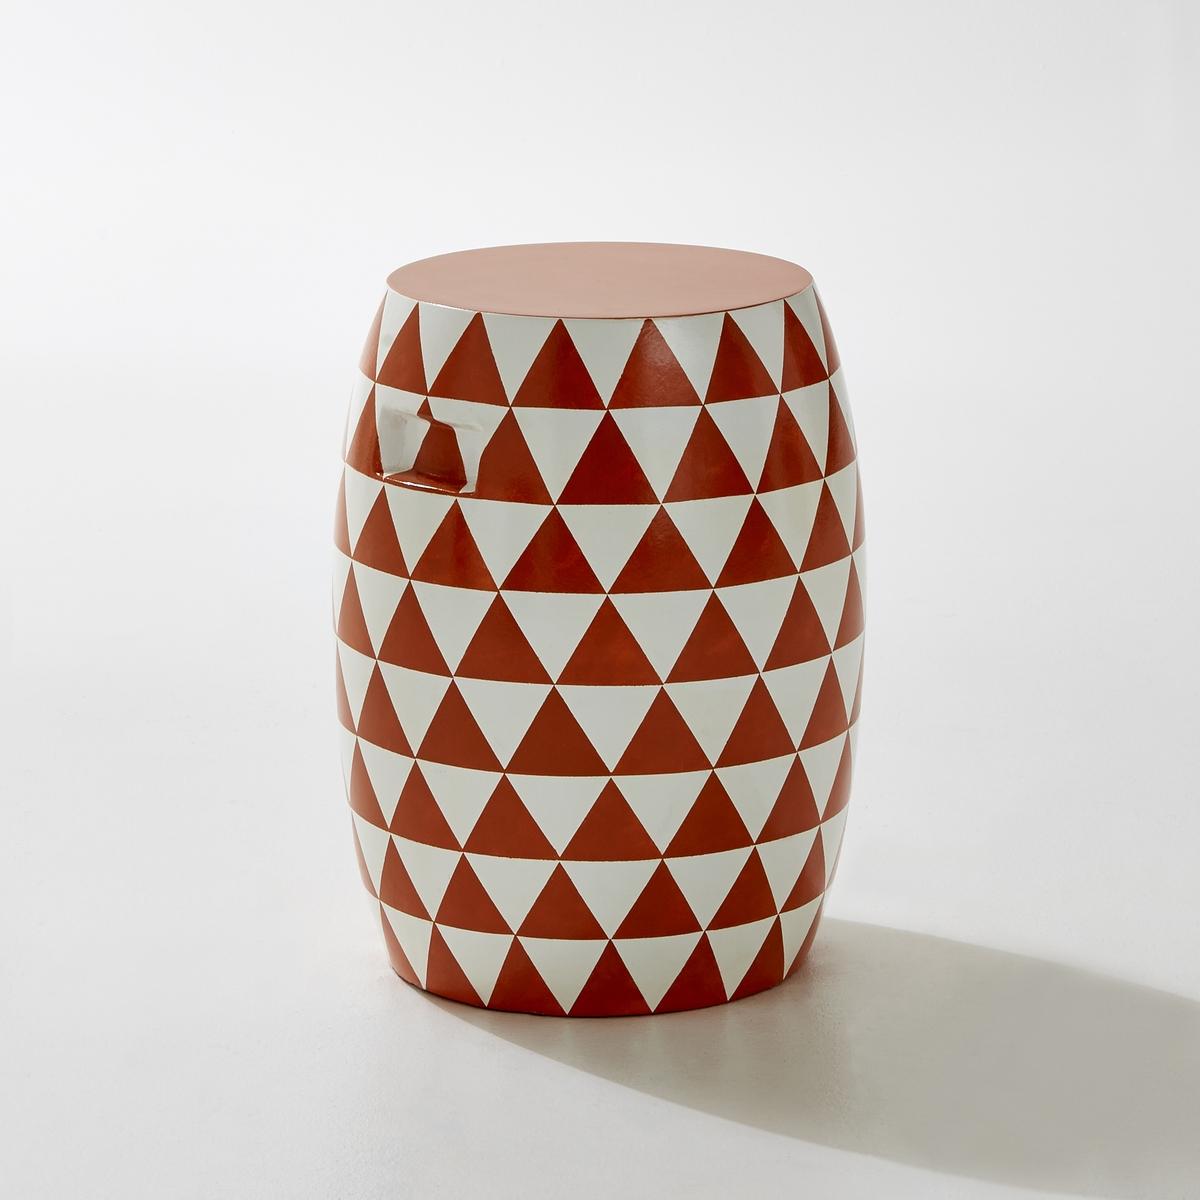 Табурет садовый цилиндрической формыМозаичный рисунок треугольники на цементном волокне для уникальности стиля!Характеристики садового табурета:Рисунок треугольники.Цементное волокно.Цилиндрическая форма.Для использования в помещении или на улице.Размеры садового табурета:Диаметр: 35 см.Высота 46 см.Размеры коробки:1 коробкаДлина 42 см.Ширина 42 см.Высота  57 см.Вес: 14 кг.Доставка:Данная модель табурета не требует сборки. Доставка осуществляется до квартиры по предварительной договоренности!Внимание! Внимание! Убедитесь в том, что посылку возможно доставить на дом, учитывая ее габариты (двери, лестницы, лифты)..<br><br>Цвет: оранжевый/ синий<br>Размер: единый размер